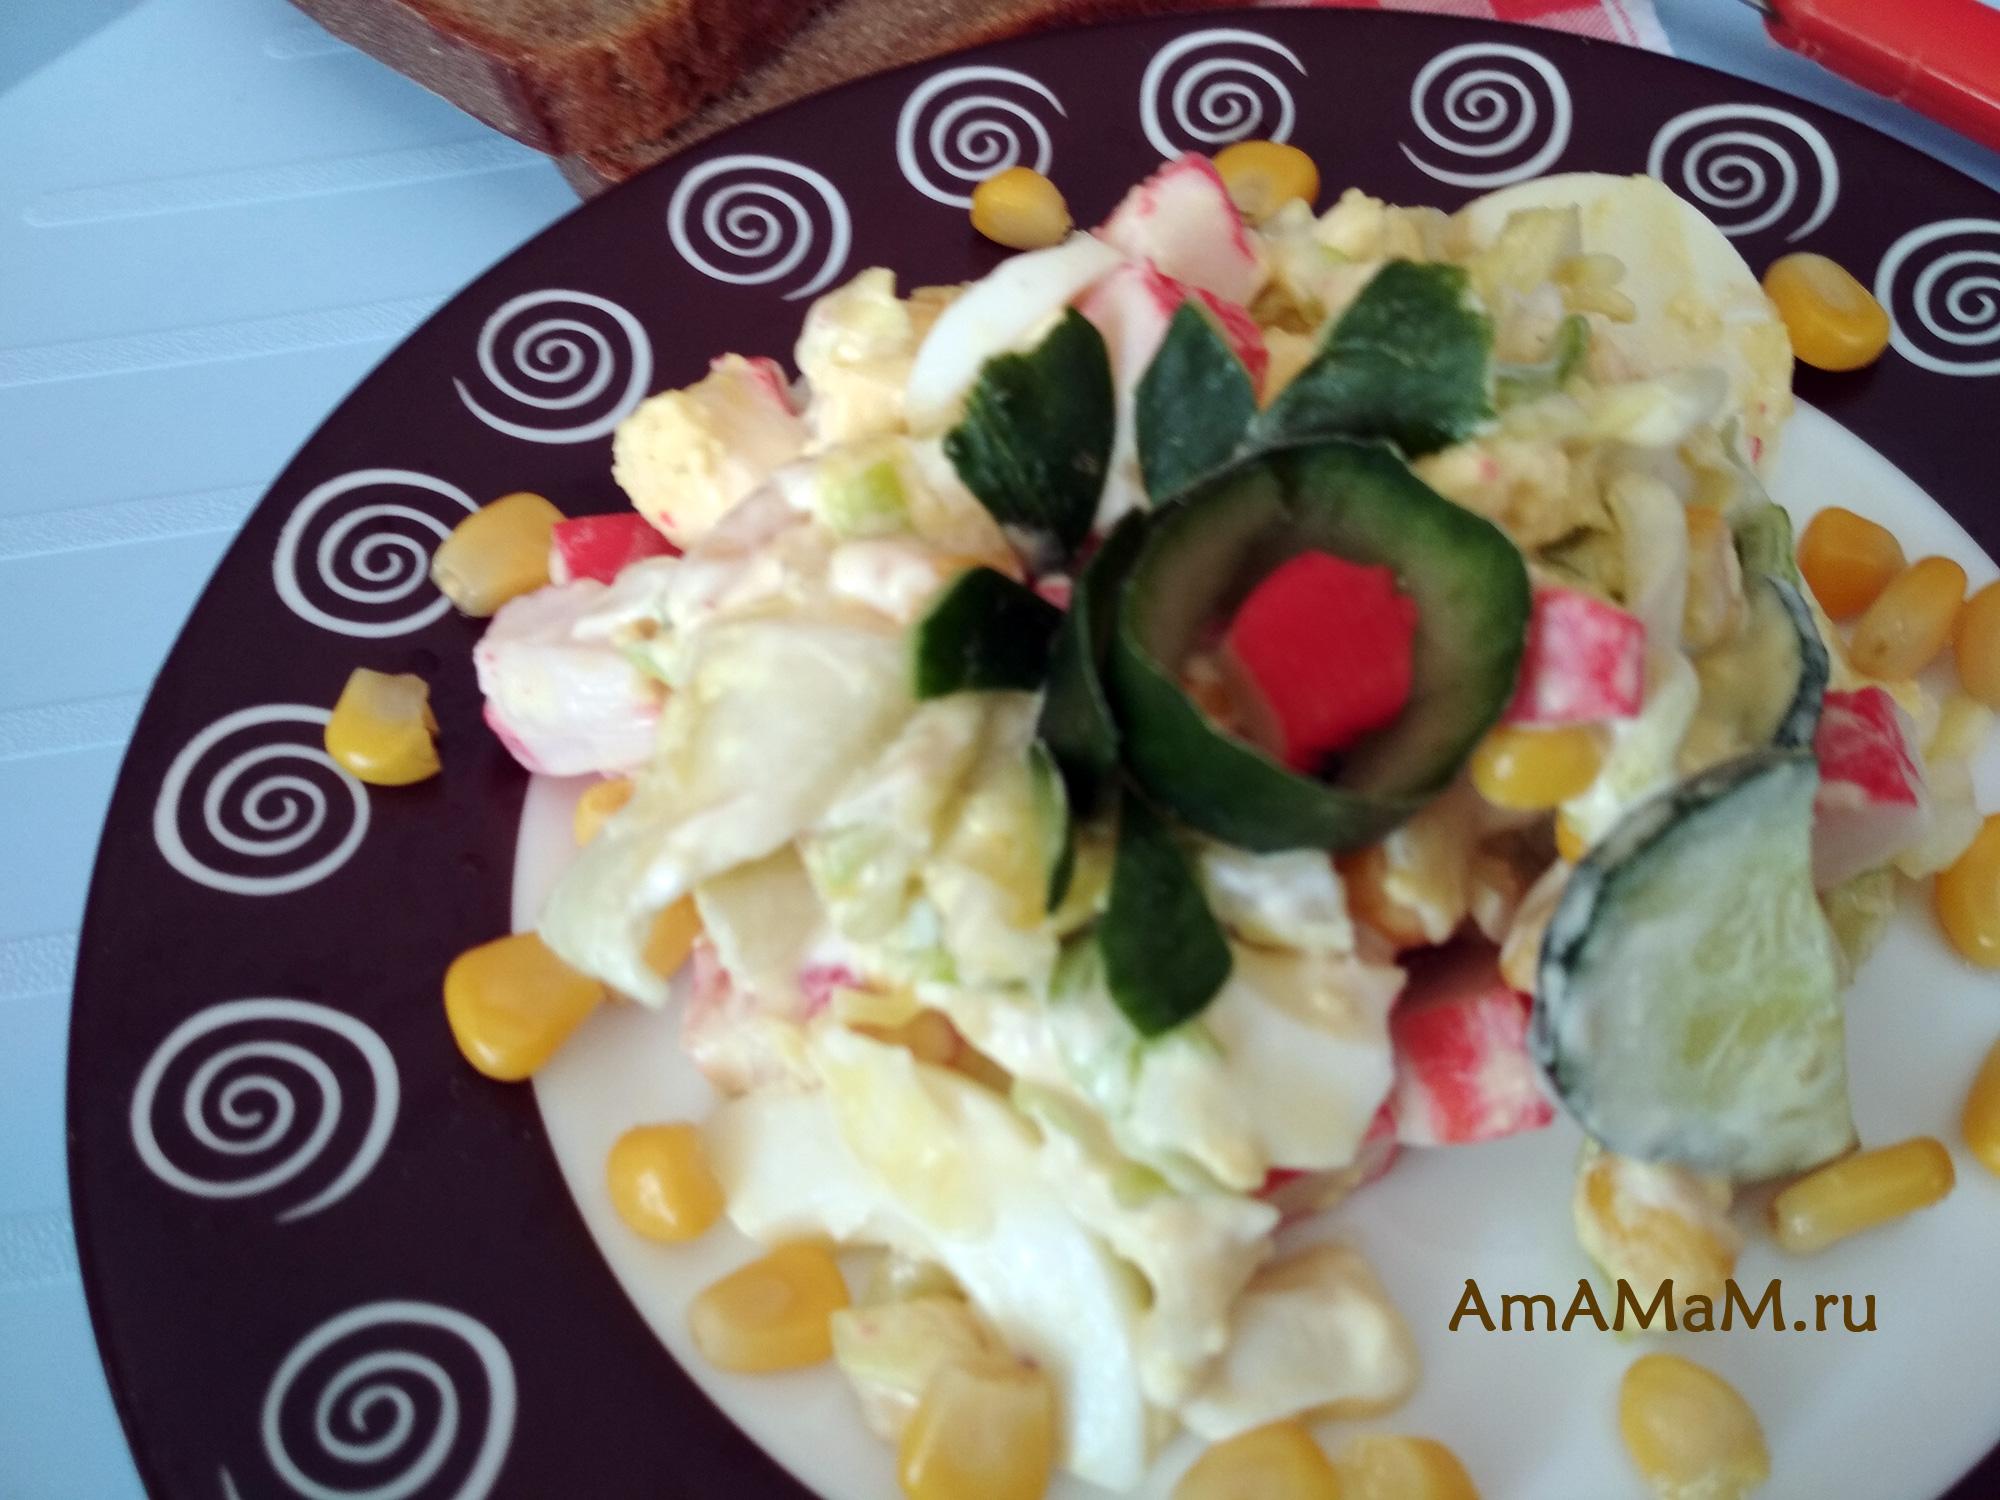 Салат из крабовых палочек и капусты